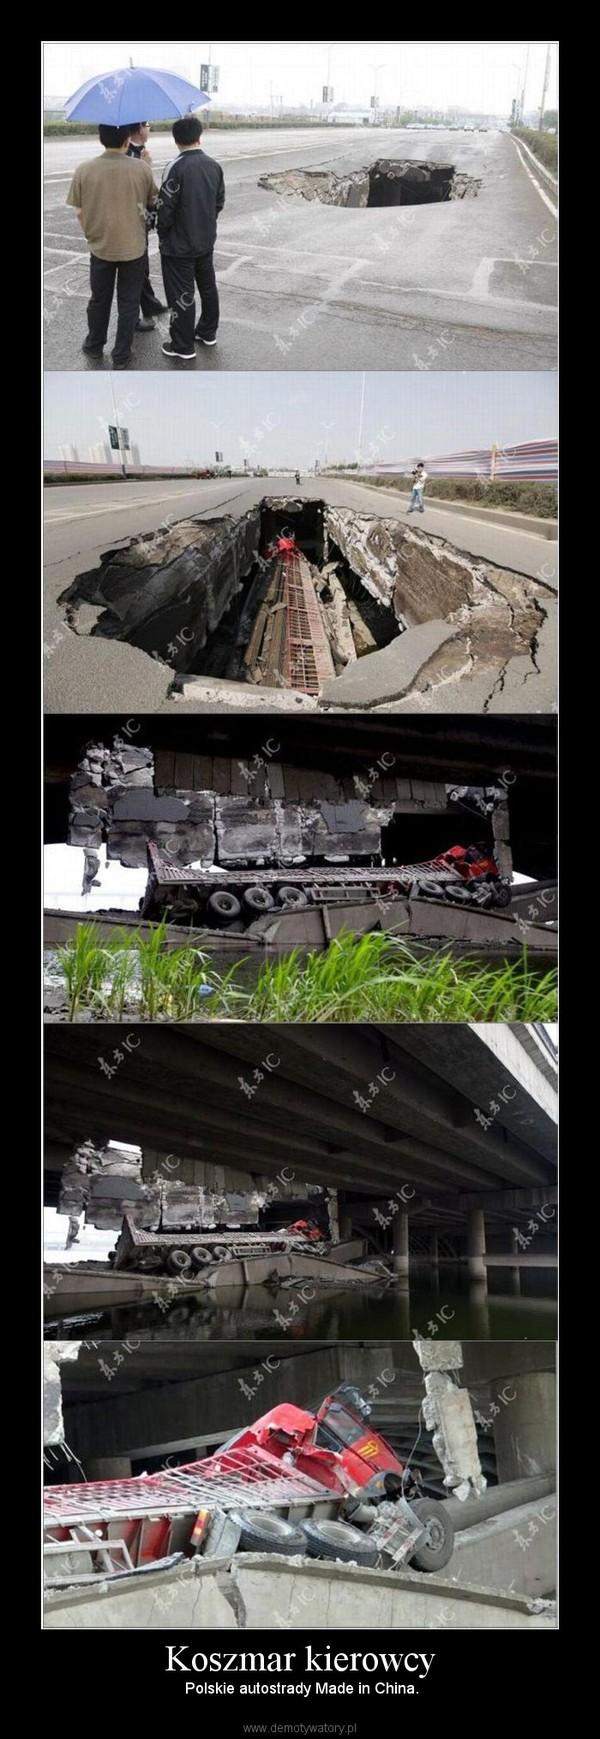 Koszmar kierowcy – Polskie autostrady Made in China.